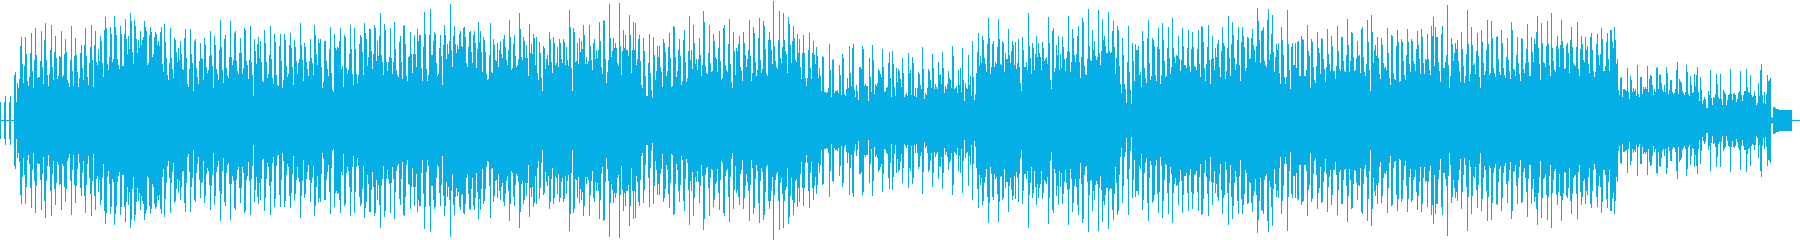 カサブランカ風⭐︎スペイン⭐︎F1選手の再生済みの波形